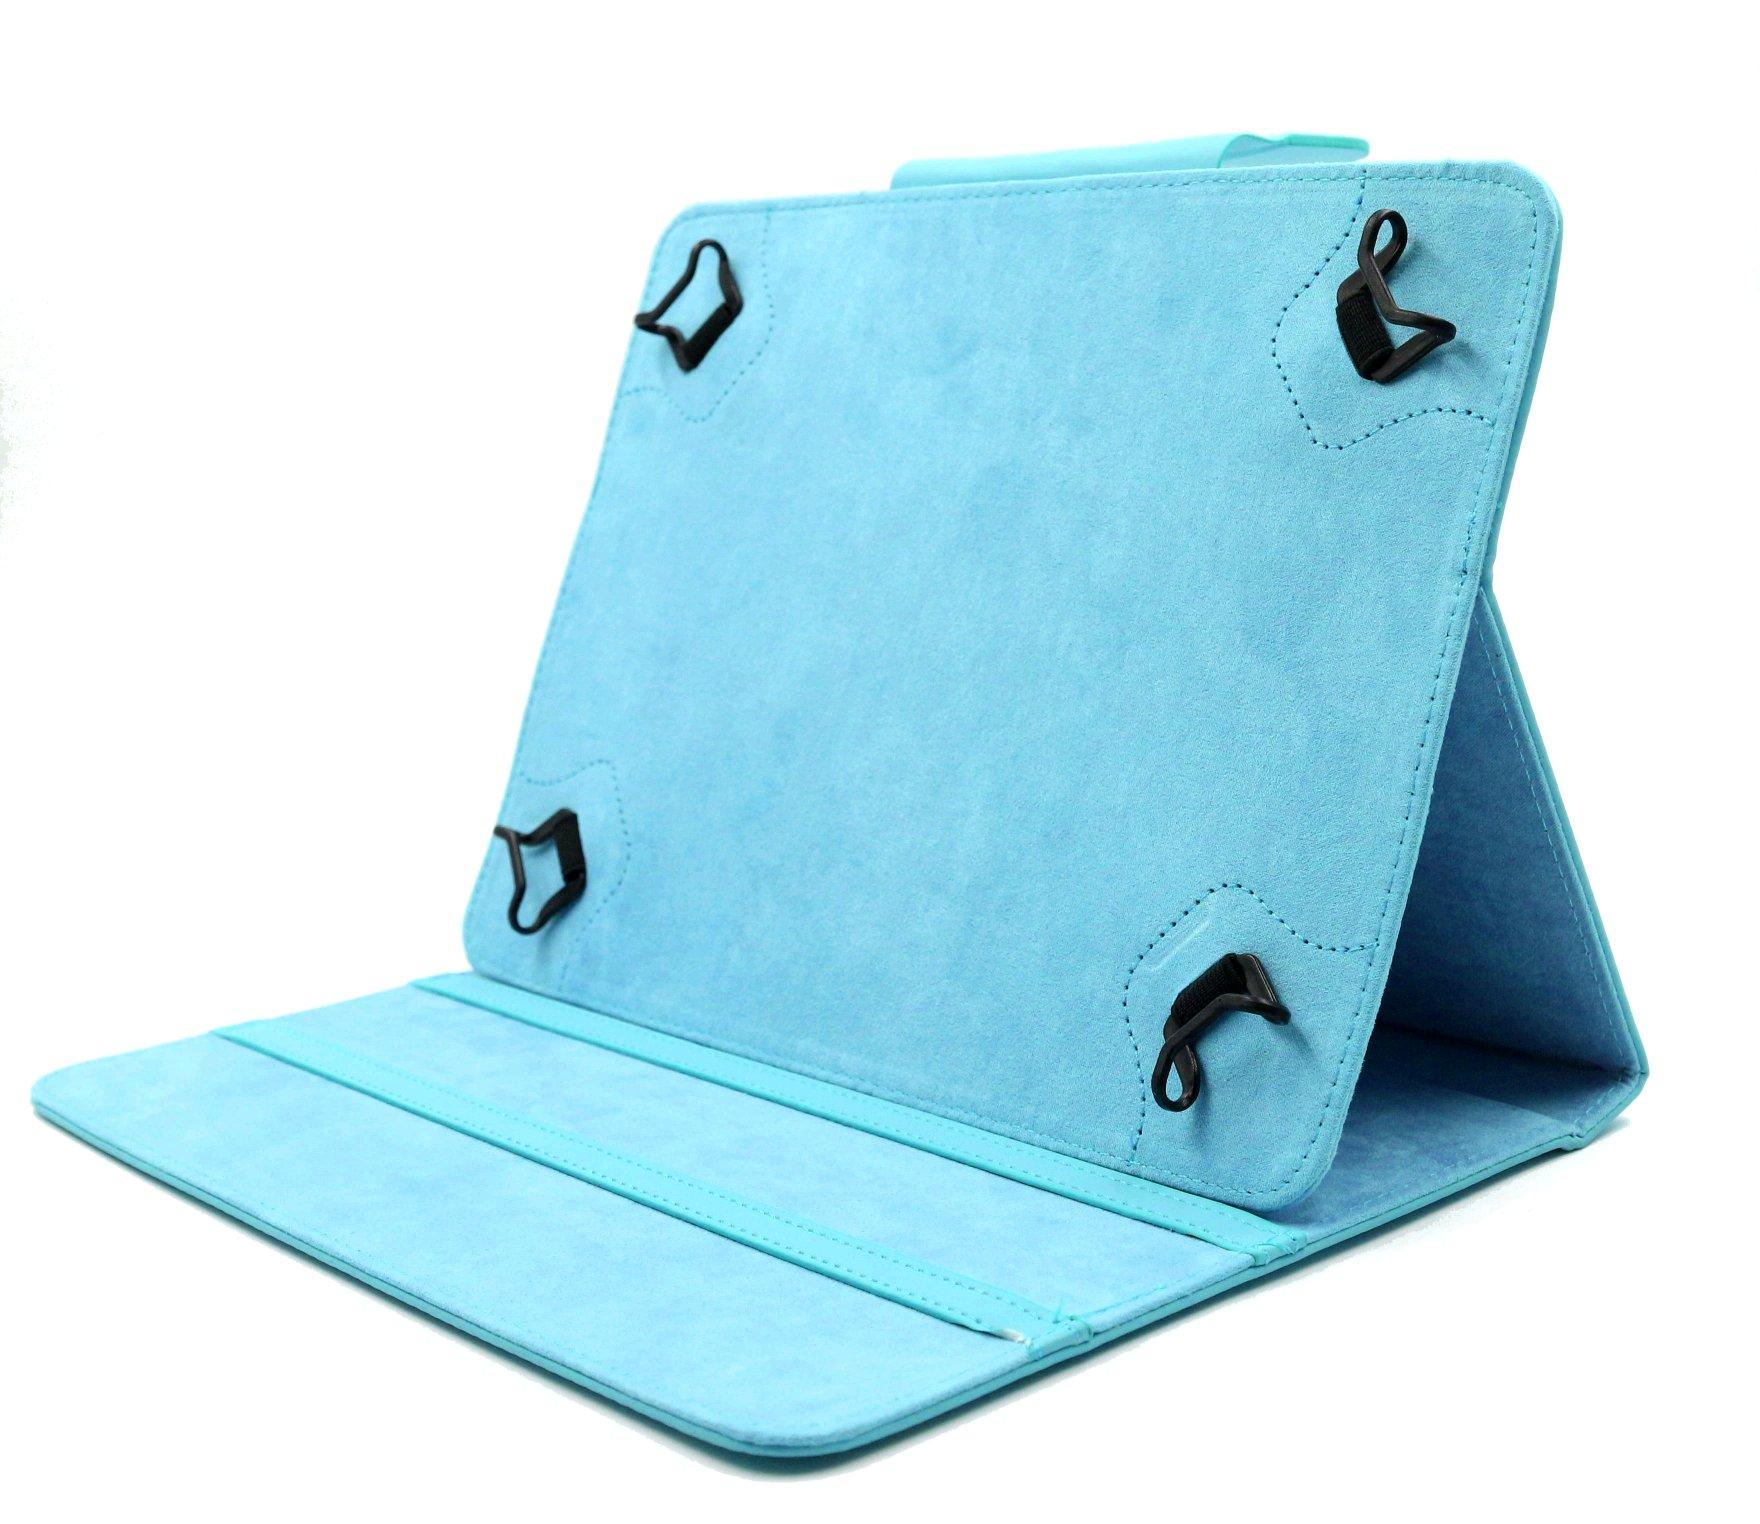 C-TECH pouzdro univer. 9.7-10.1' tablety modré